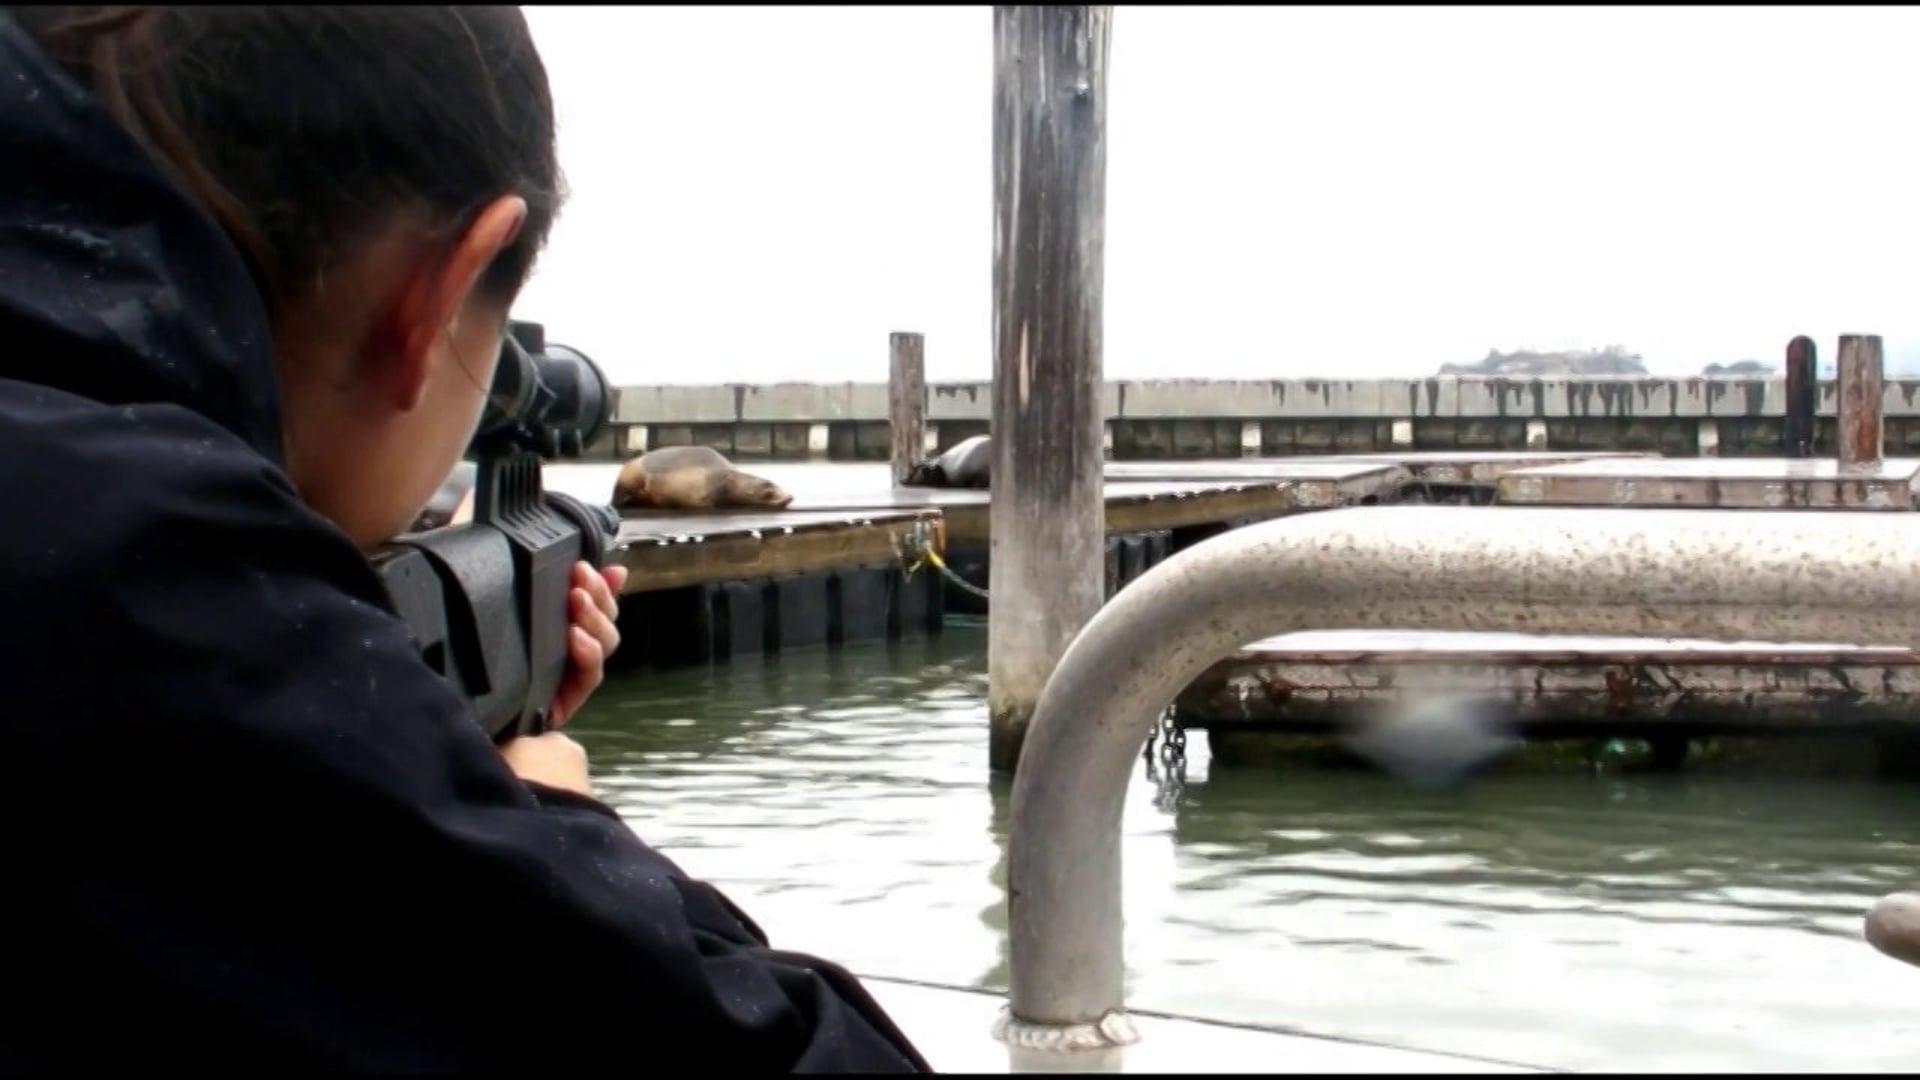 Pier 39 Rescue Attempt